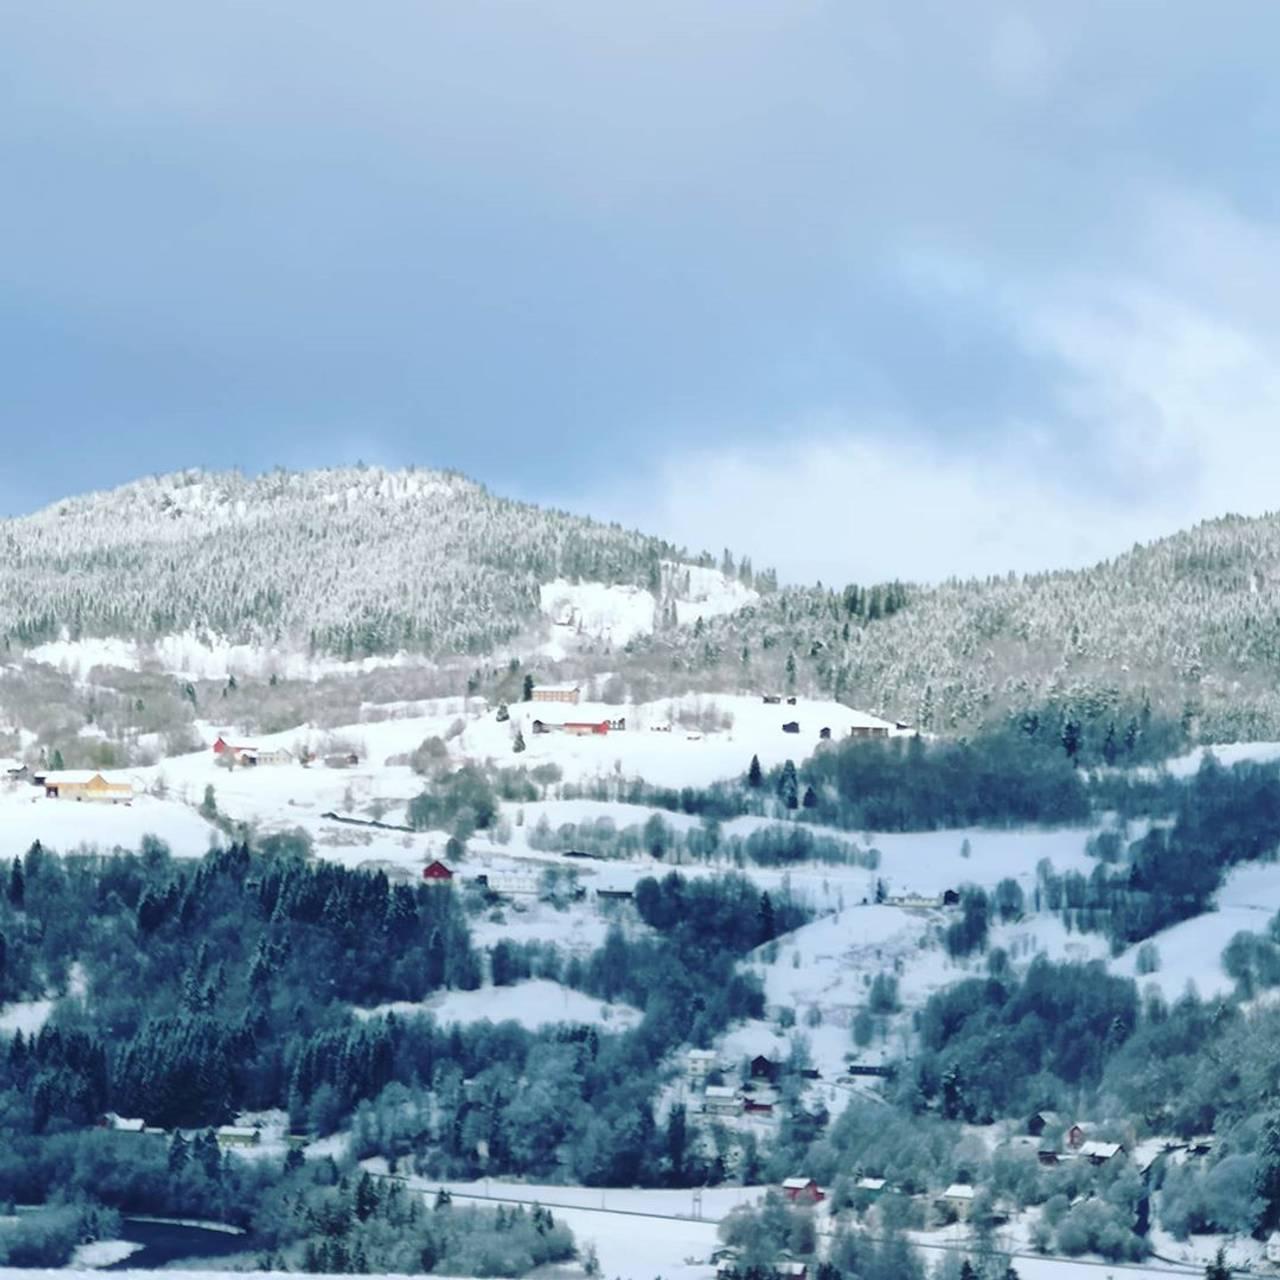 Snø i mai. BIldet viser åssiden over Svorkmo i Orkland i Trøndelag, dekket av et hvitt teppe.